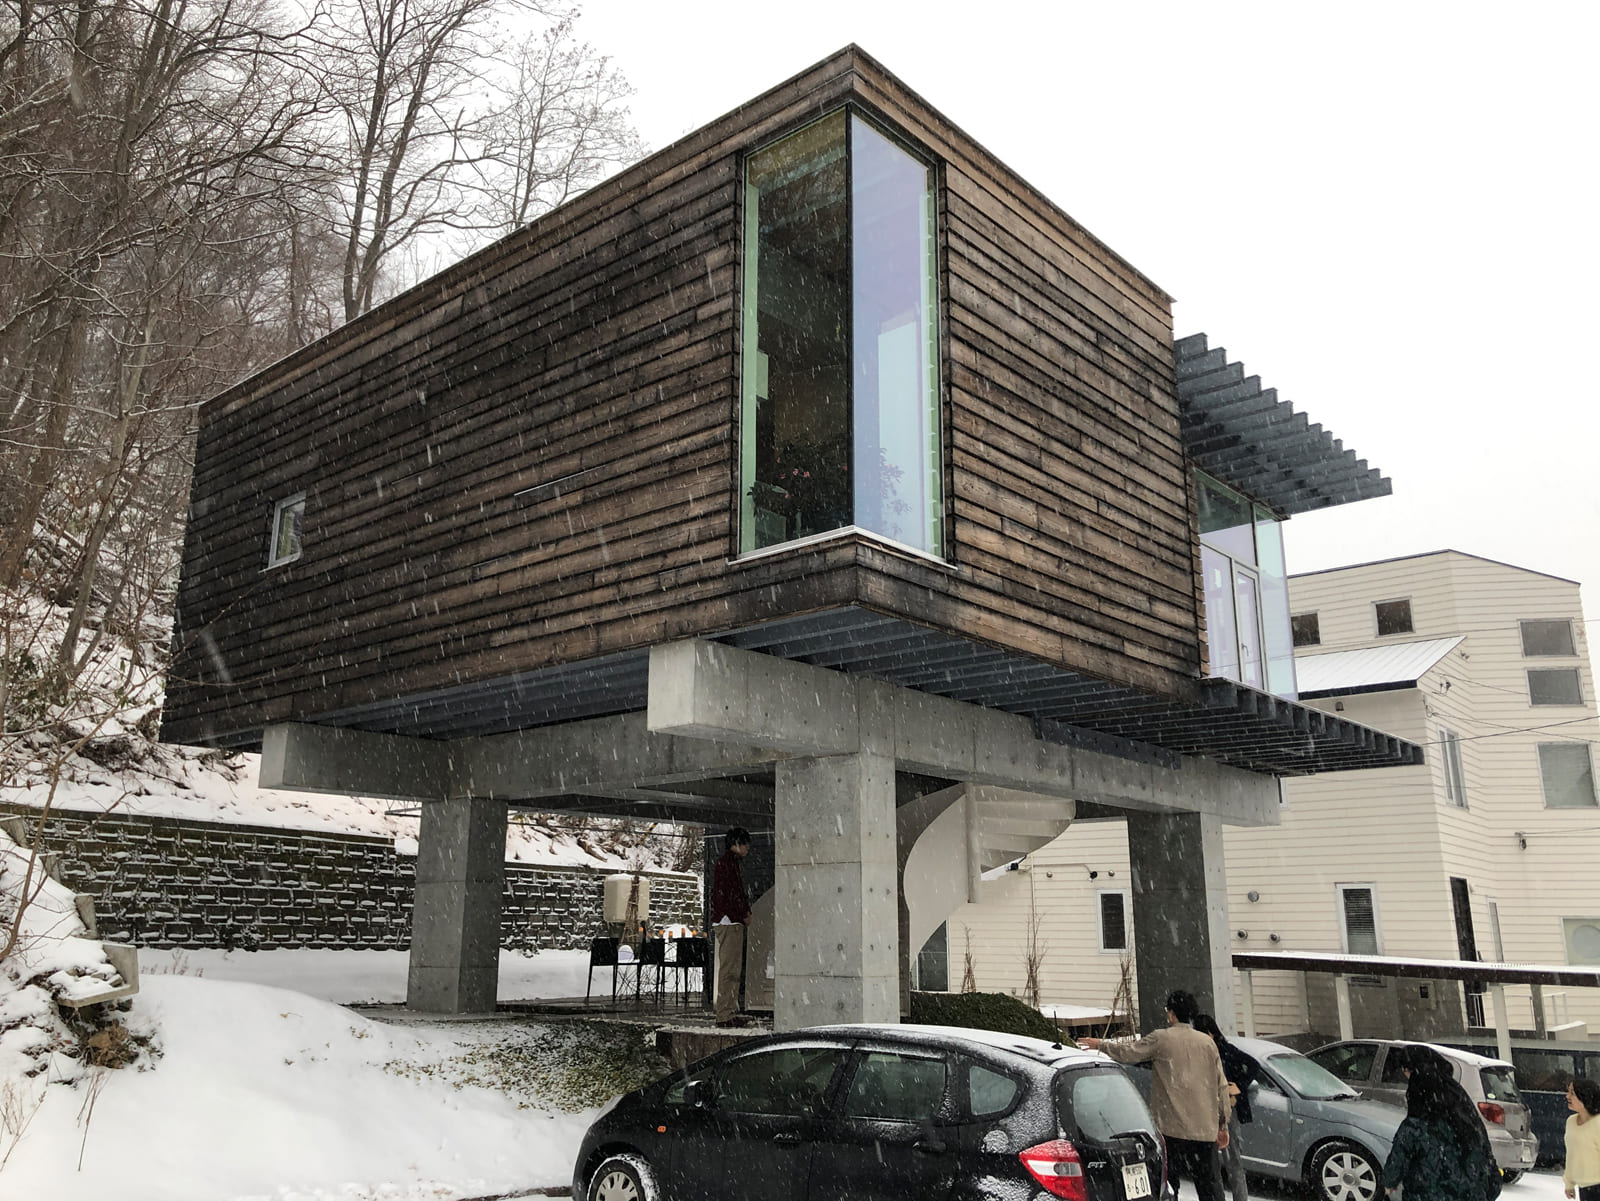 迫力のある4本の鉄筋コンクリートの柱に支えられ、地上から3mほど浮くようにつくられた建物